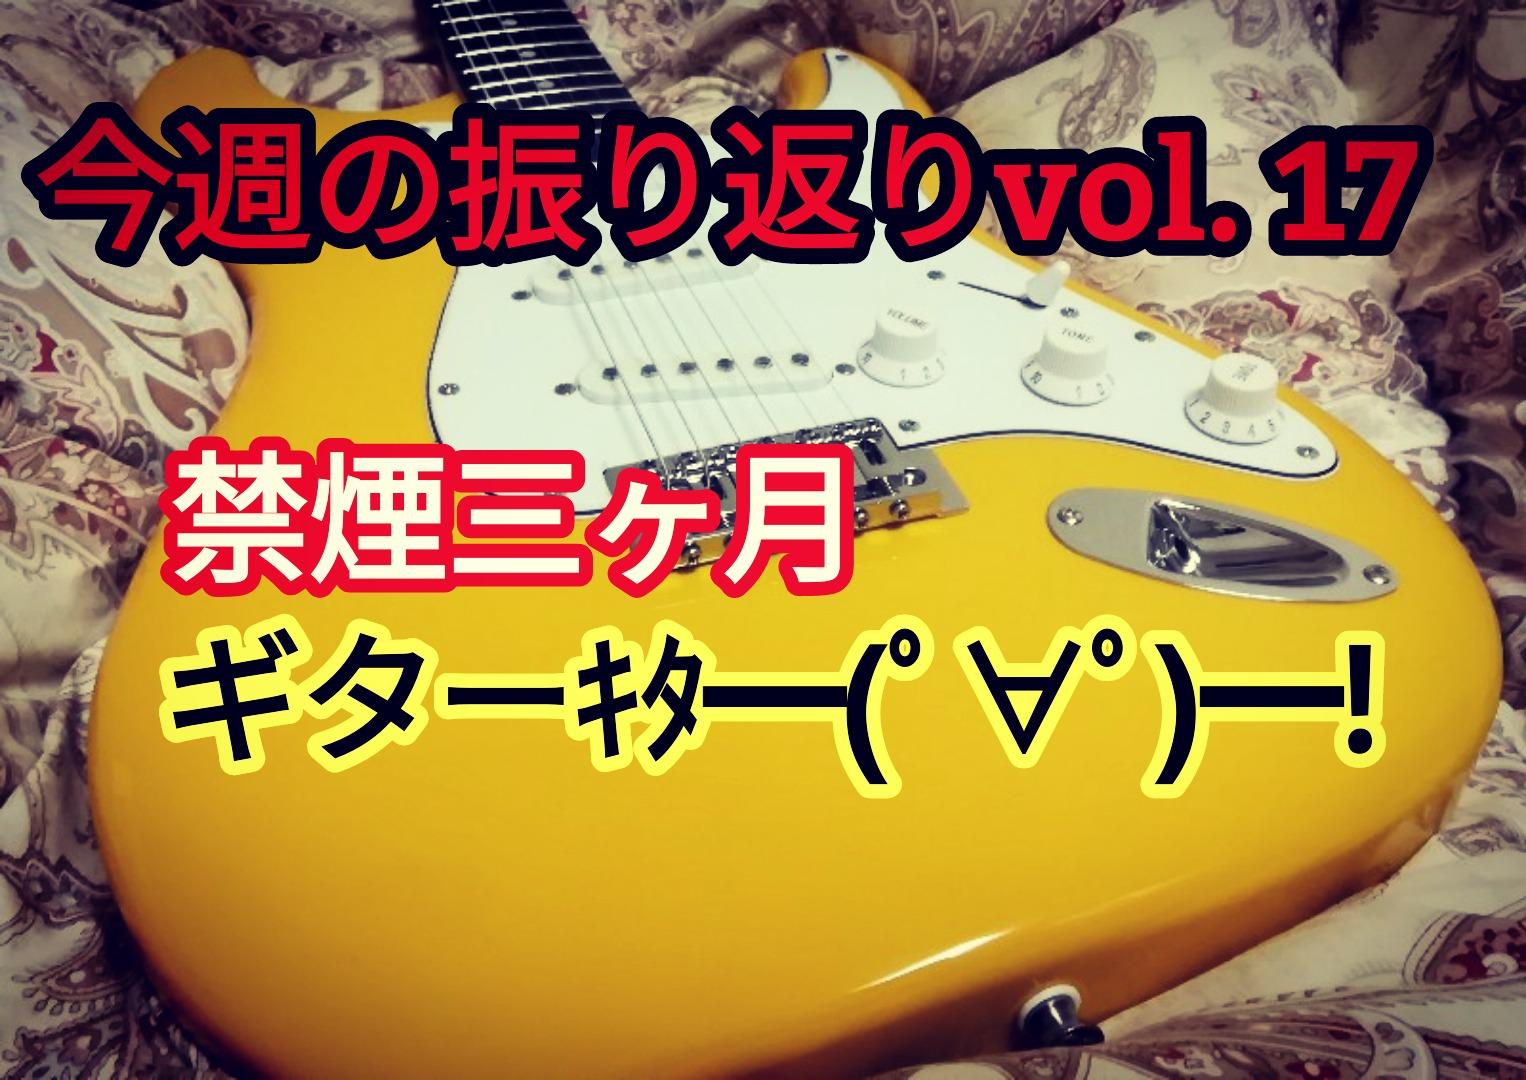 2020年6月3週【ギター買った/禁煙三ヶ月】振り返りvol.17